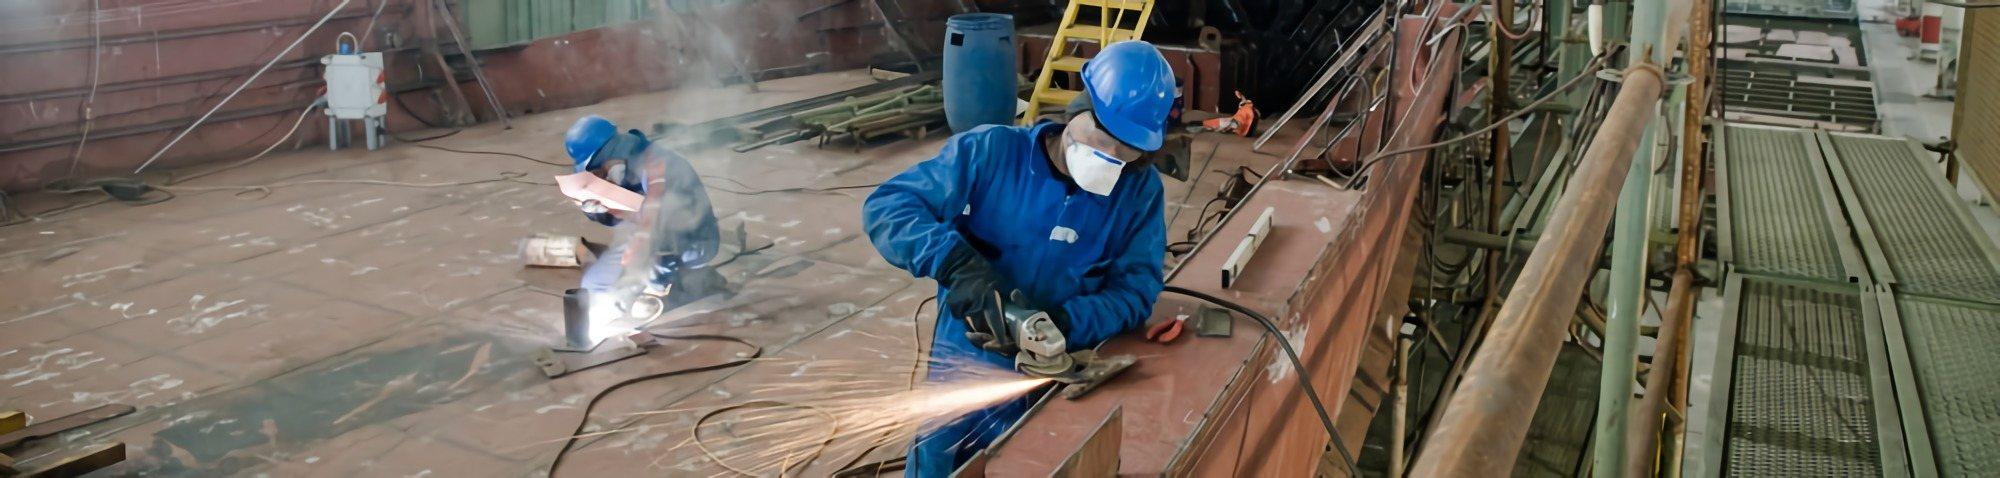 tulsa welding school shipfitting training